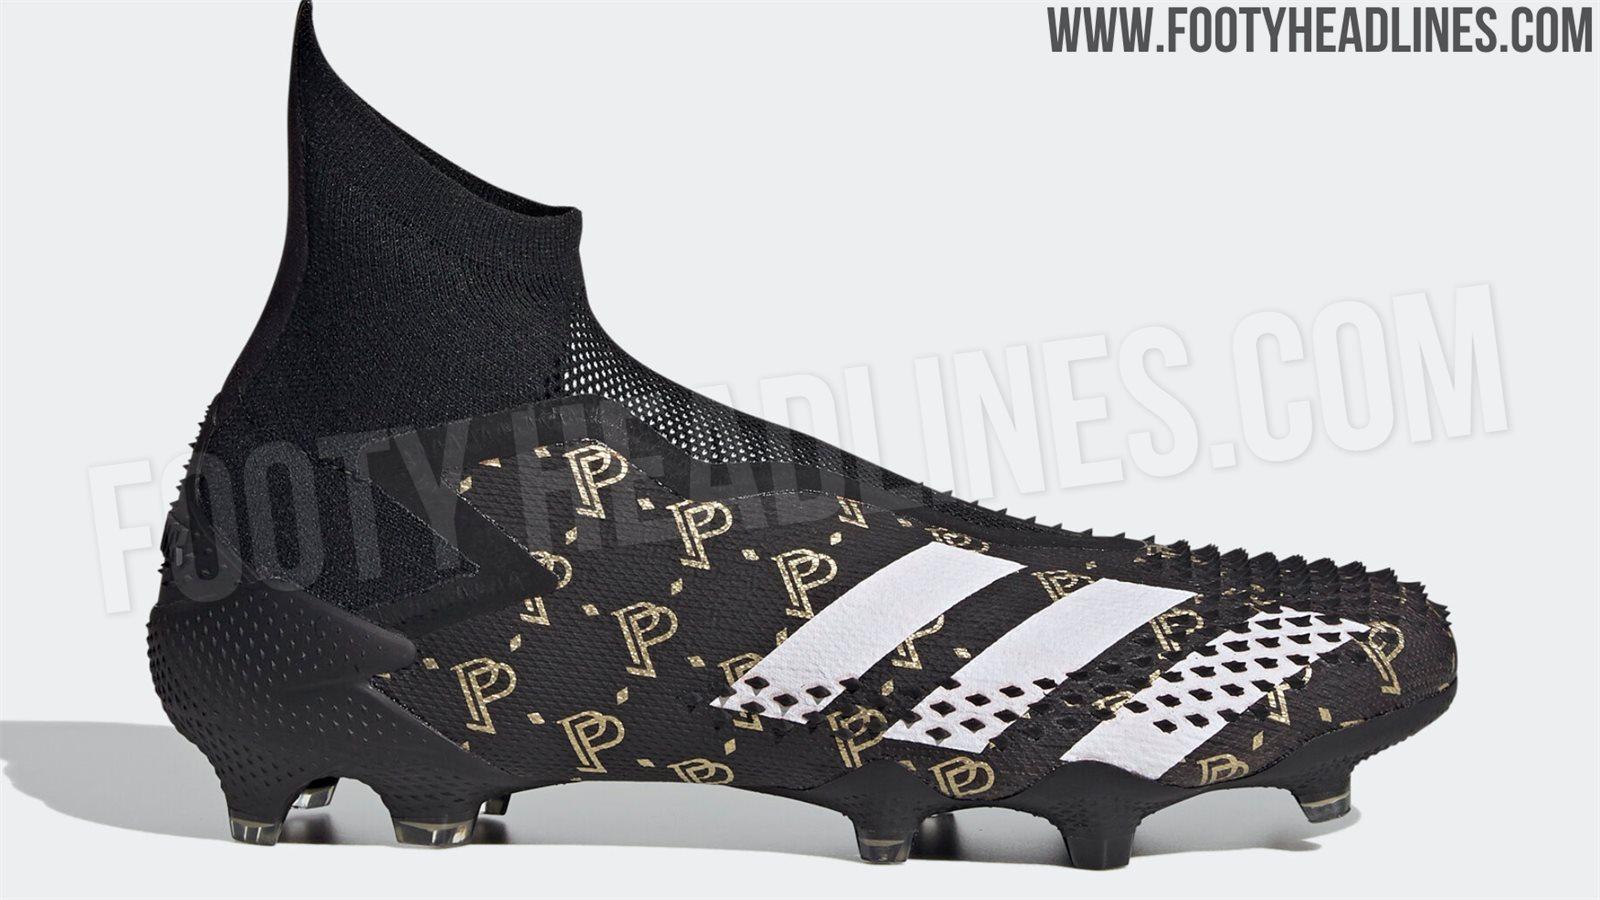 Giay da banh Adidas Predator 20+ Pogba season 7 (4)